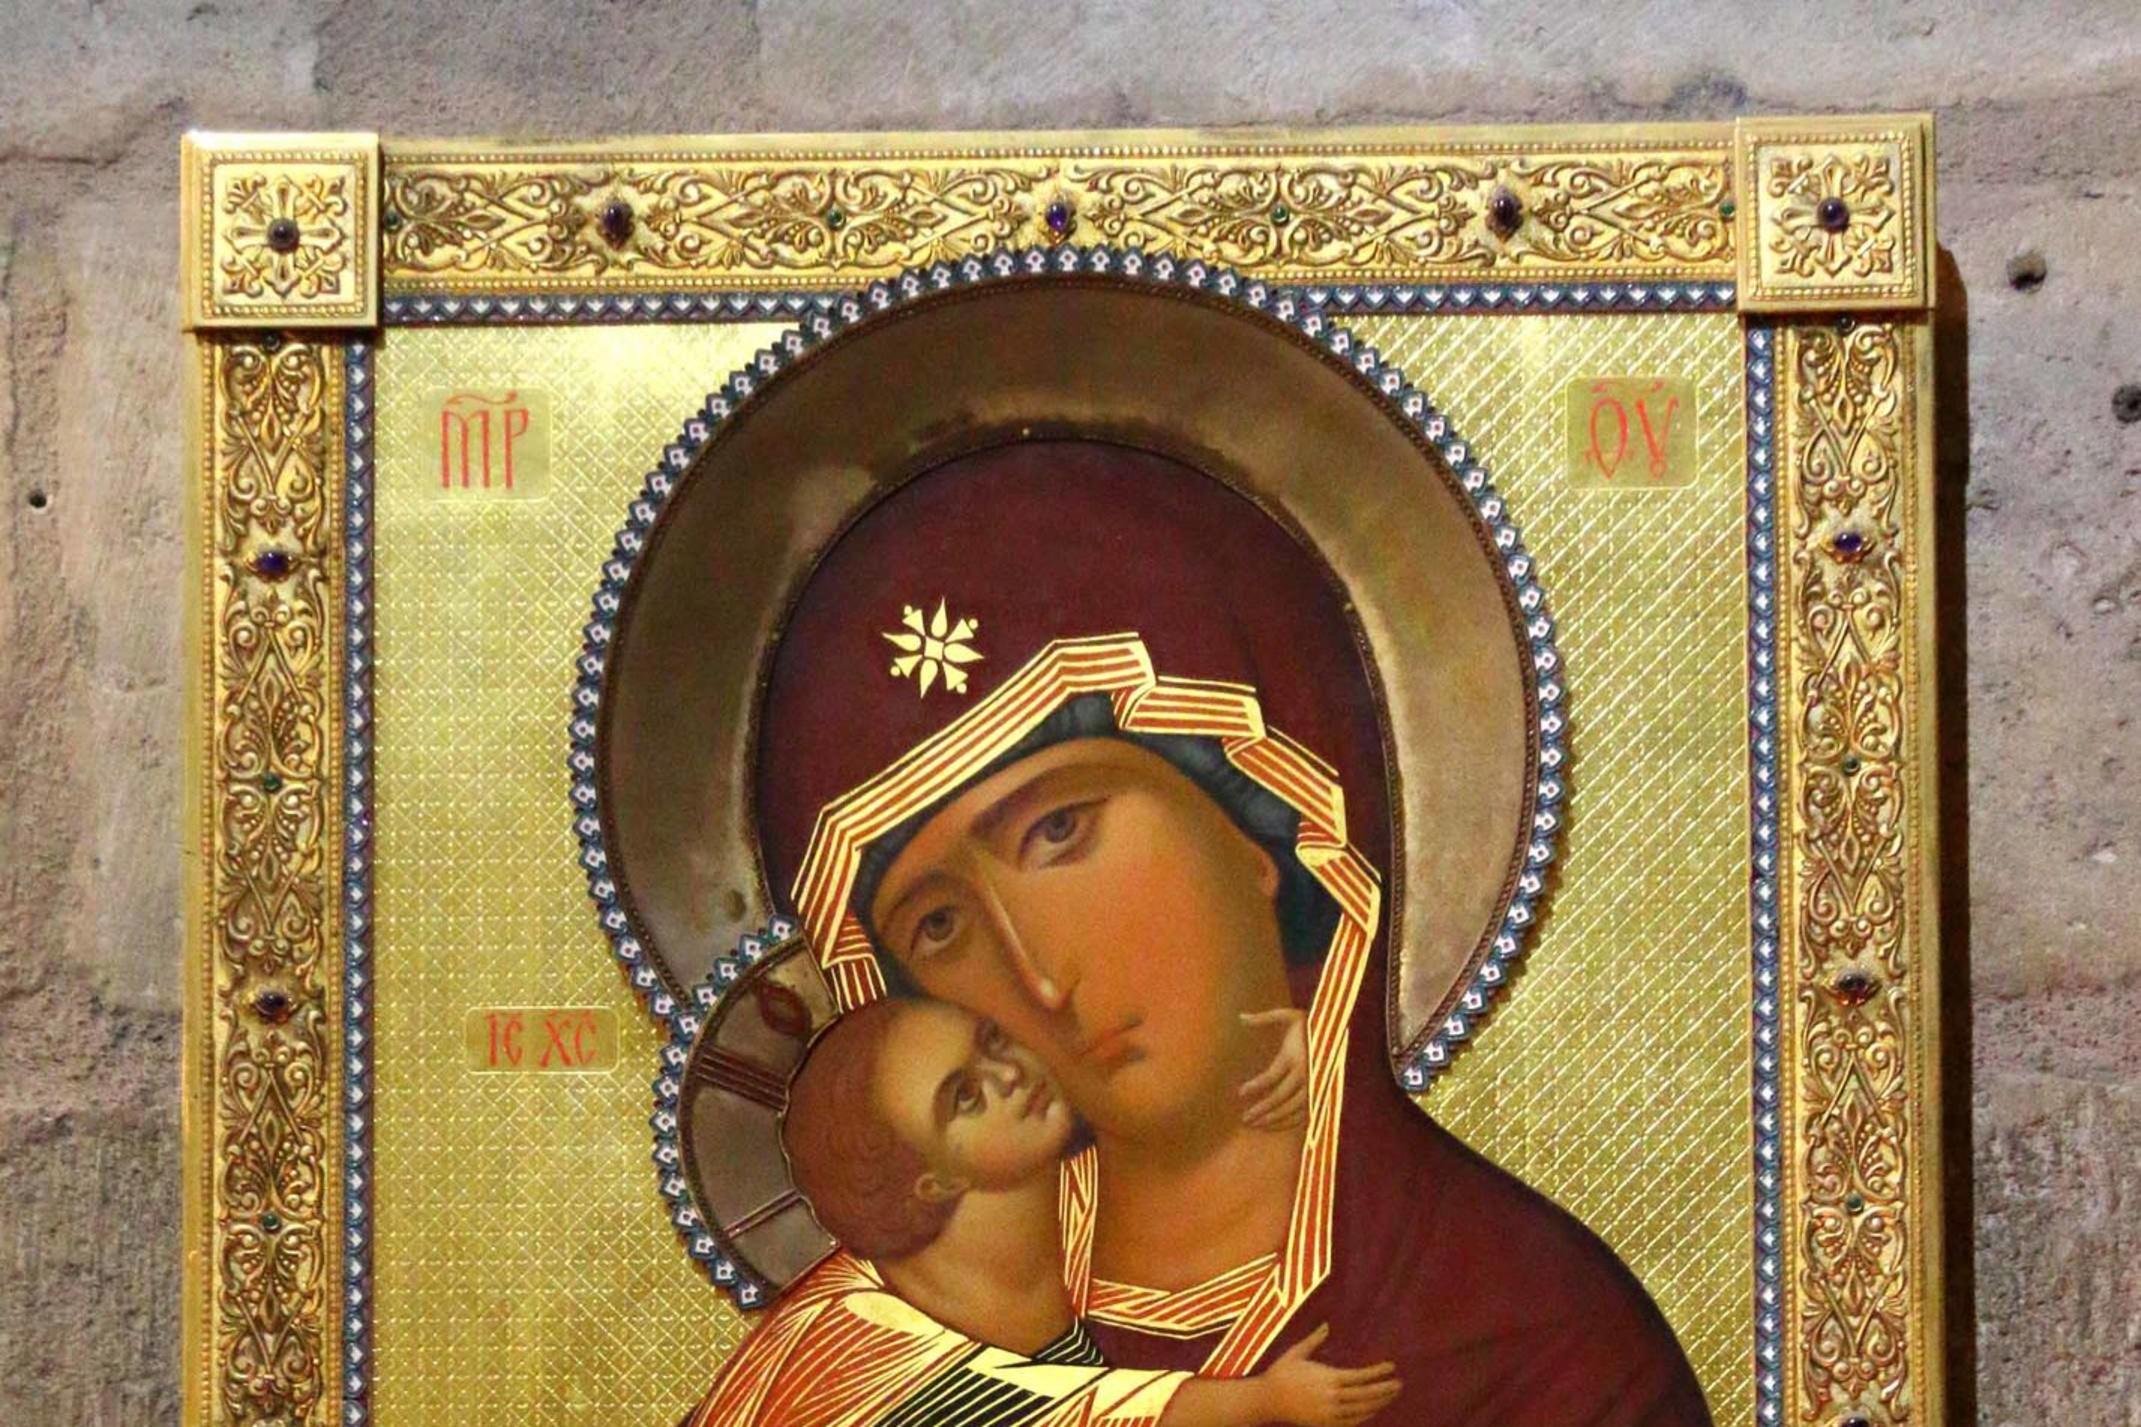 Représentation de la Vierge à l'enfant, conservée à Notre Dame, Getty Images